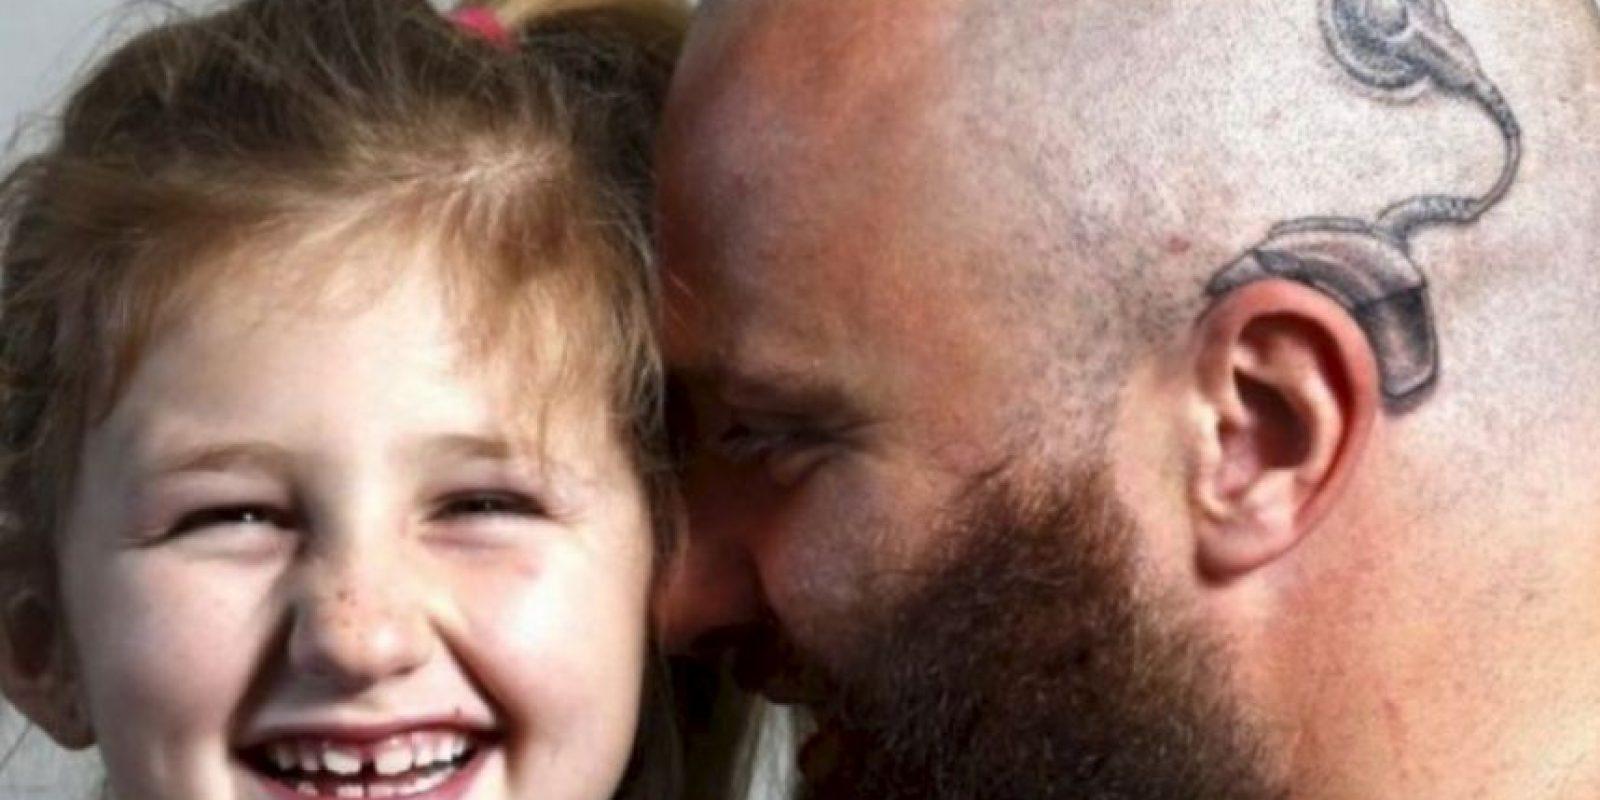 Este hombre se tatuó en la cabeza aparato auditivo para darle seguridad a su hija sorda. Foto:Vía Facebook.com/anitaalistair.campbell